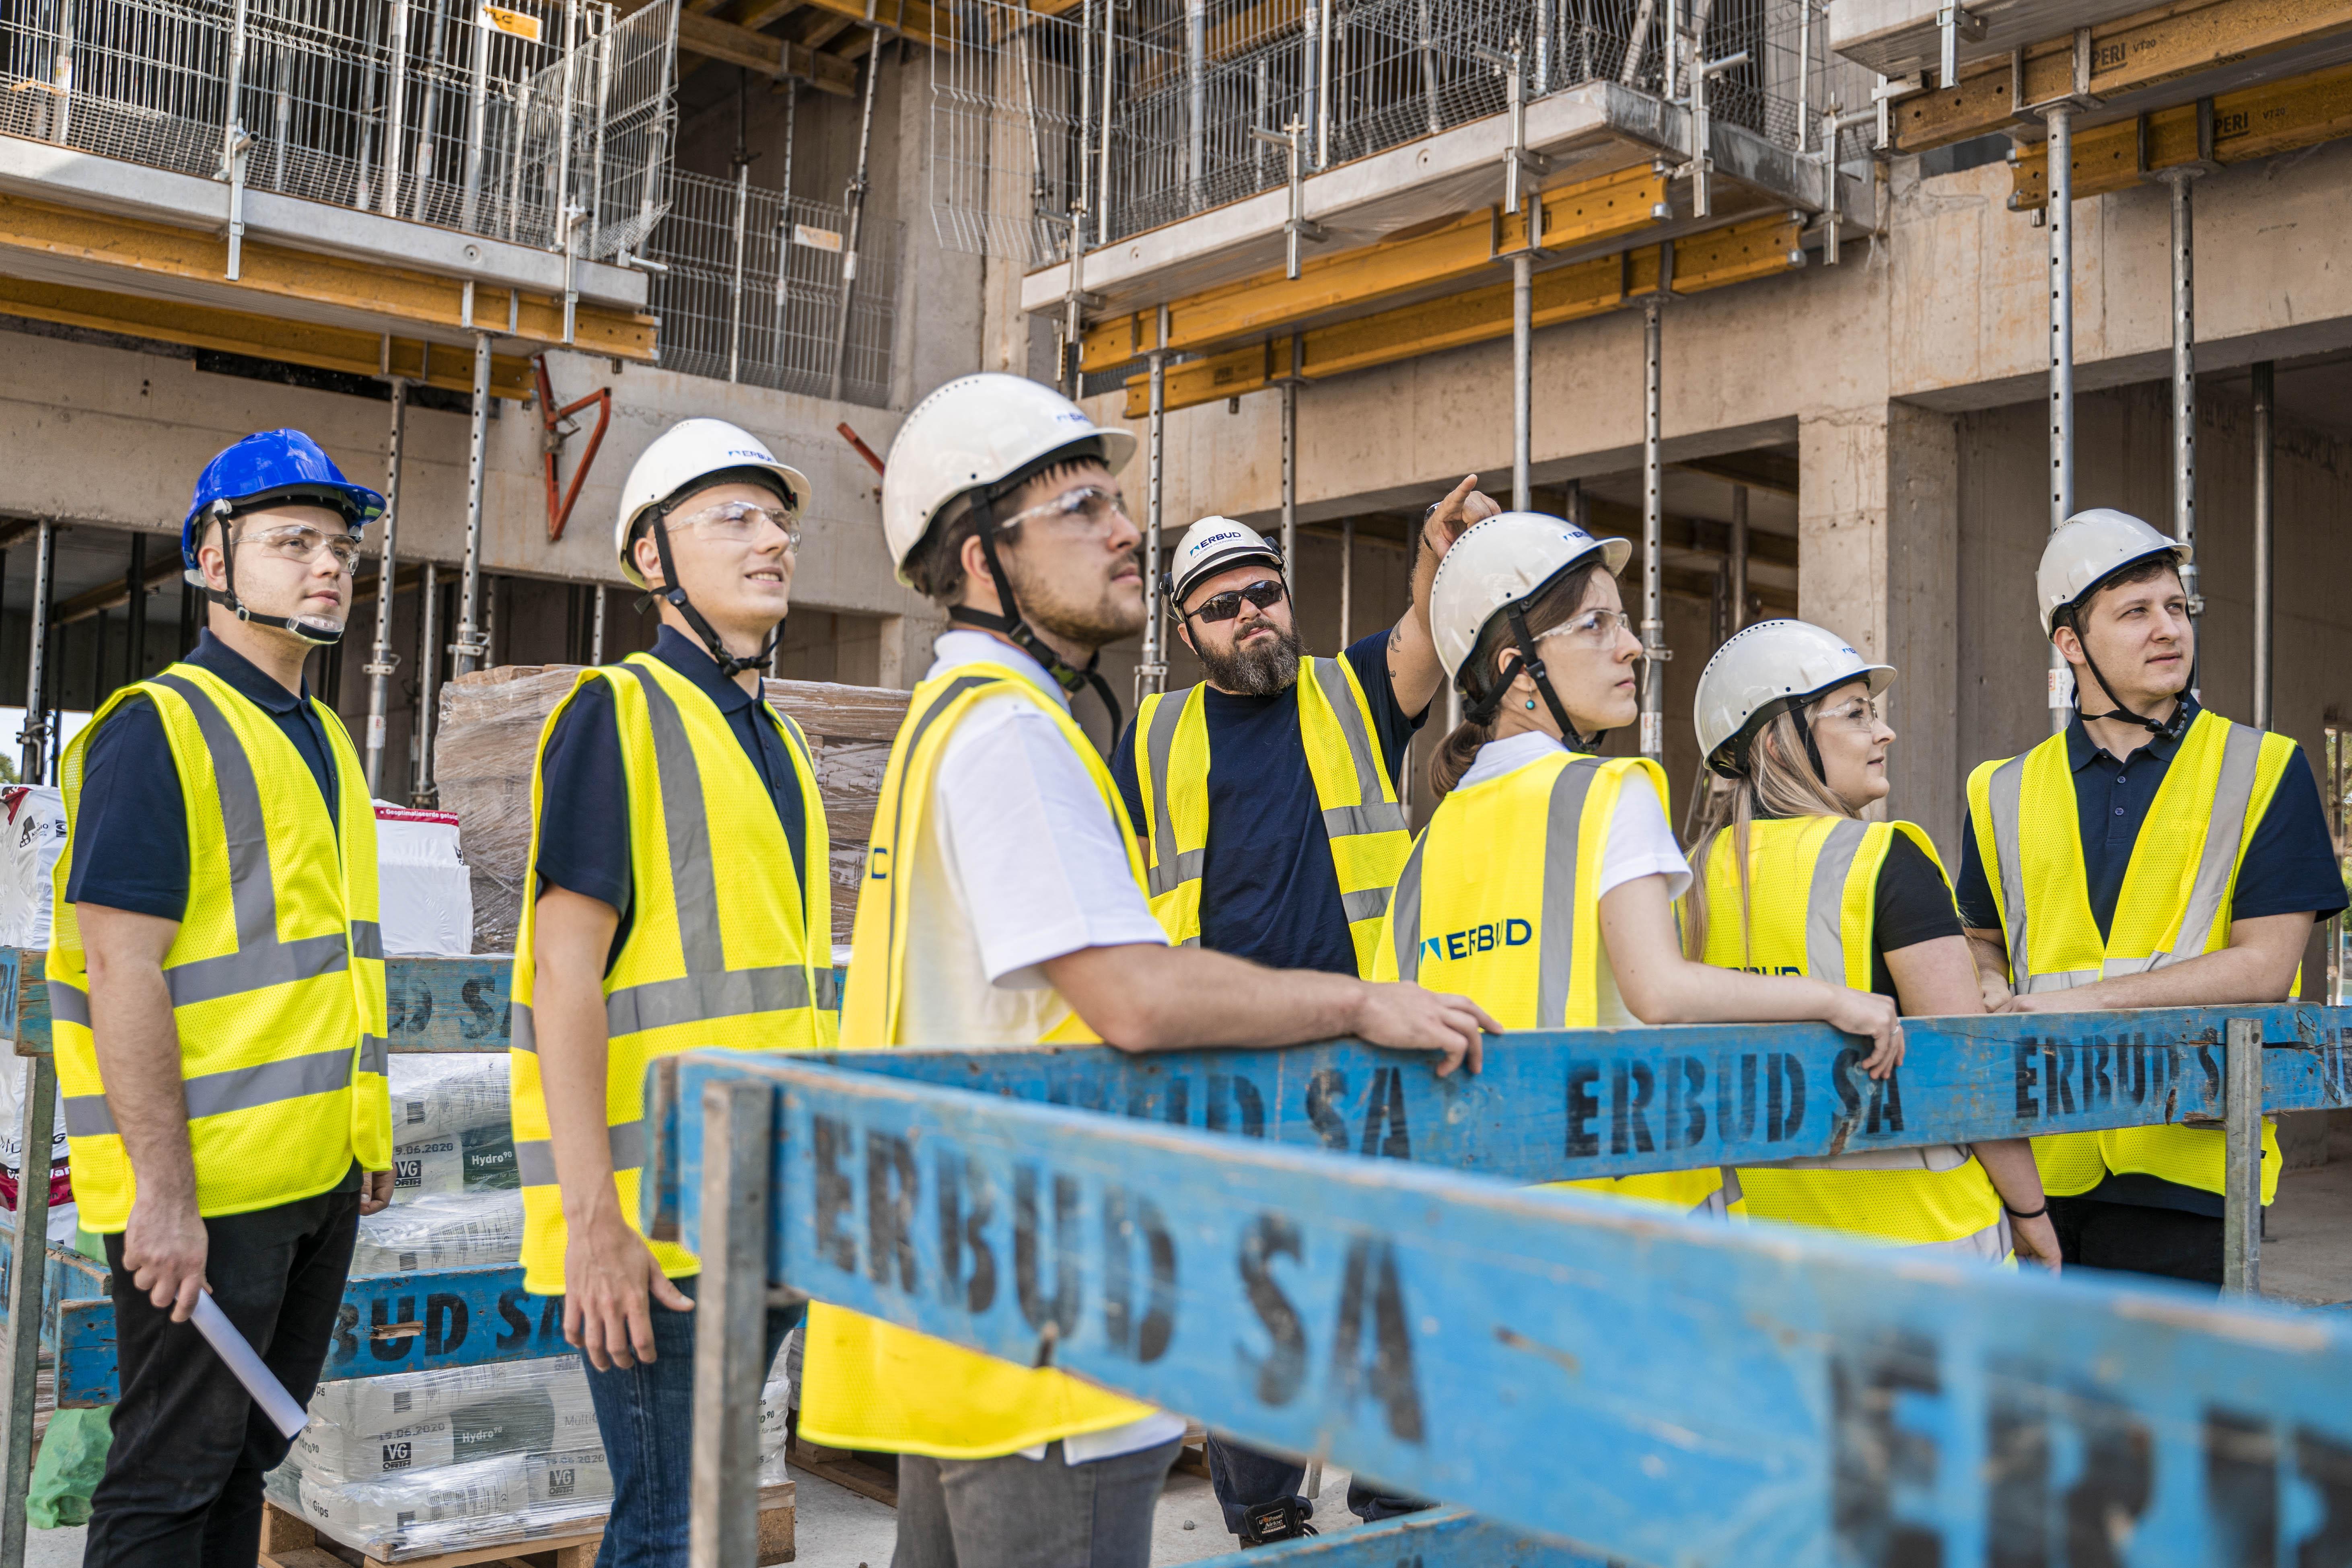 Pracownicy Erbudu wzięli udział w filmie przedstawiającym pracę w firmie budowlanej (fot. Erbud)